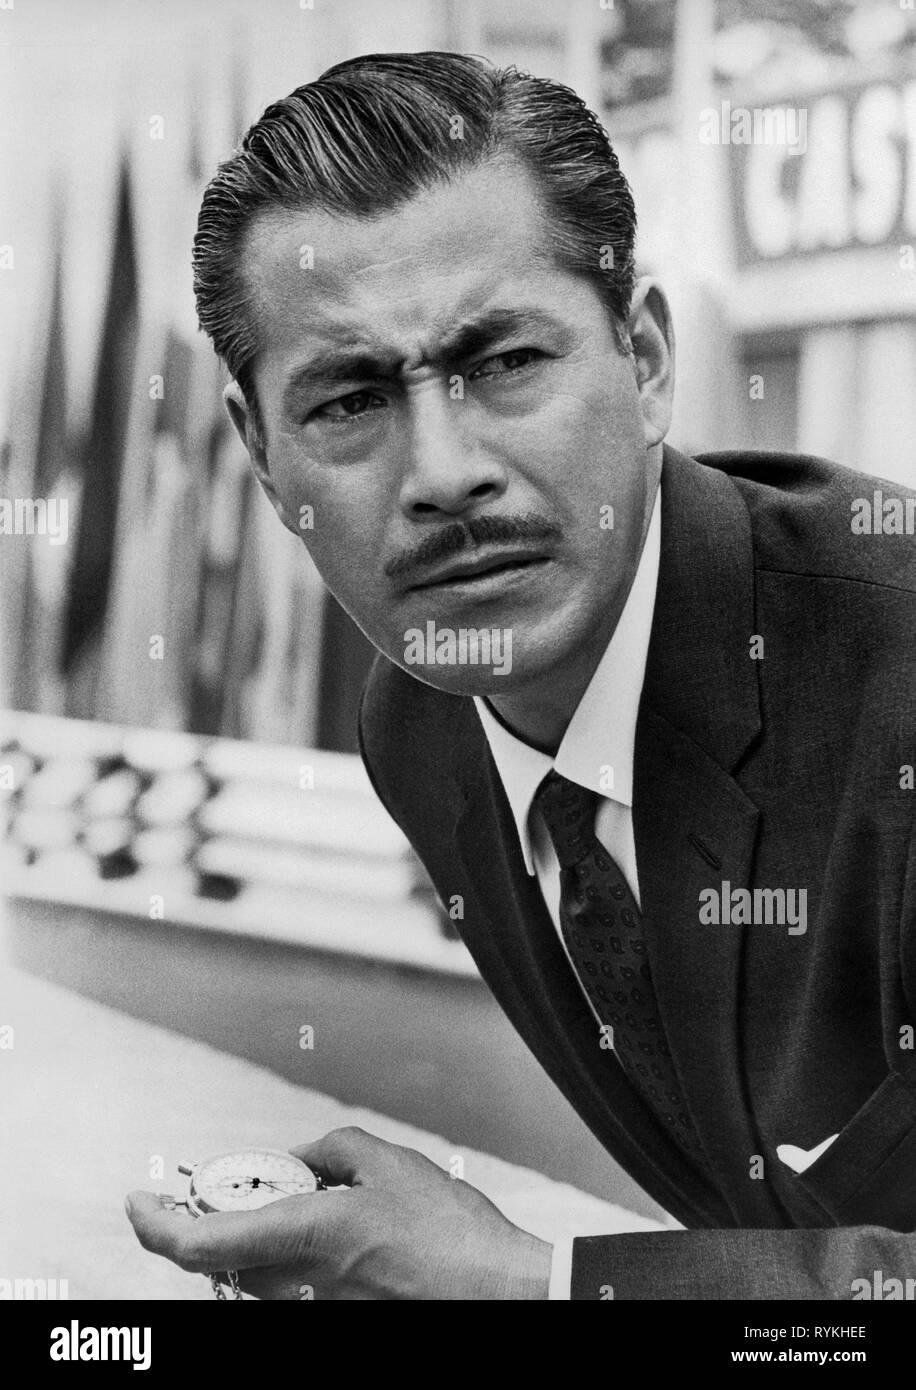 toshiro-mifune-grand-prix-1966-RYKHEE.jp